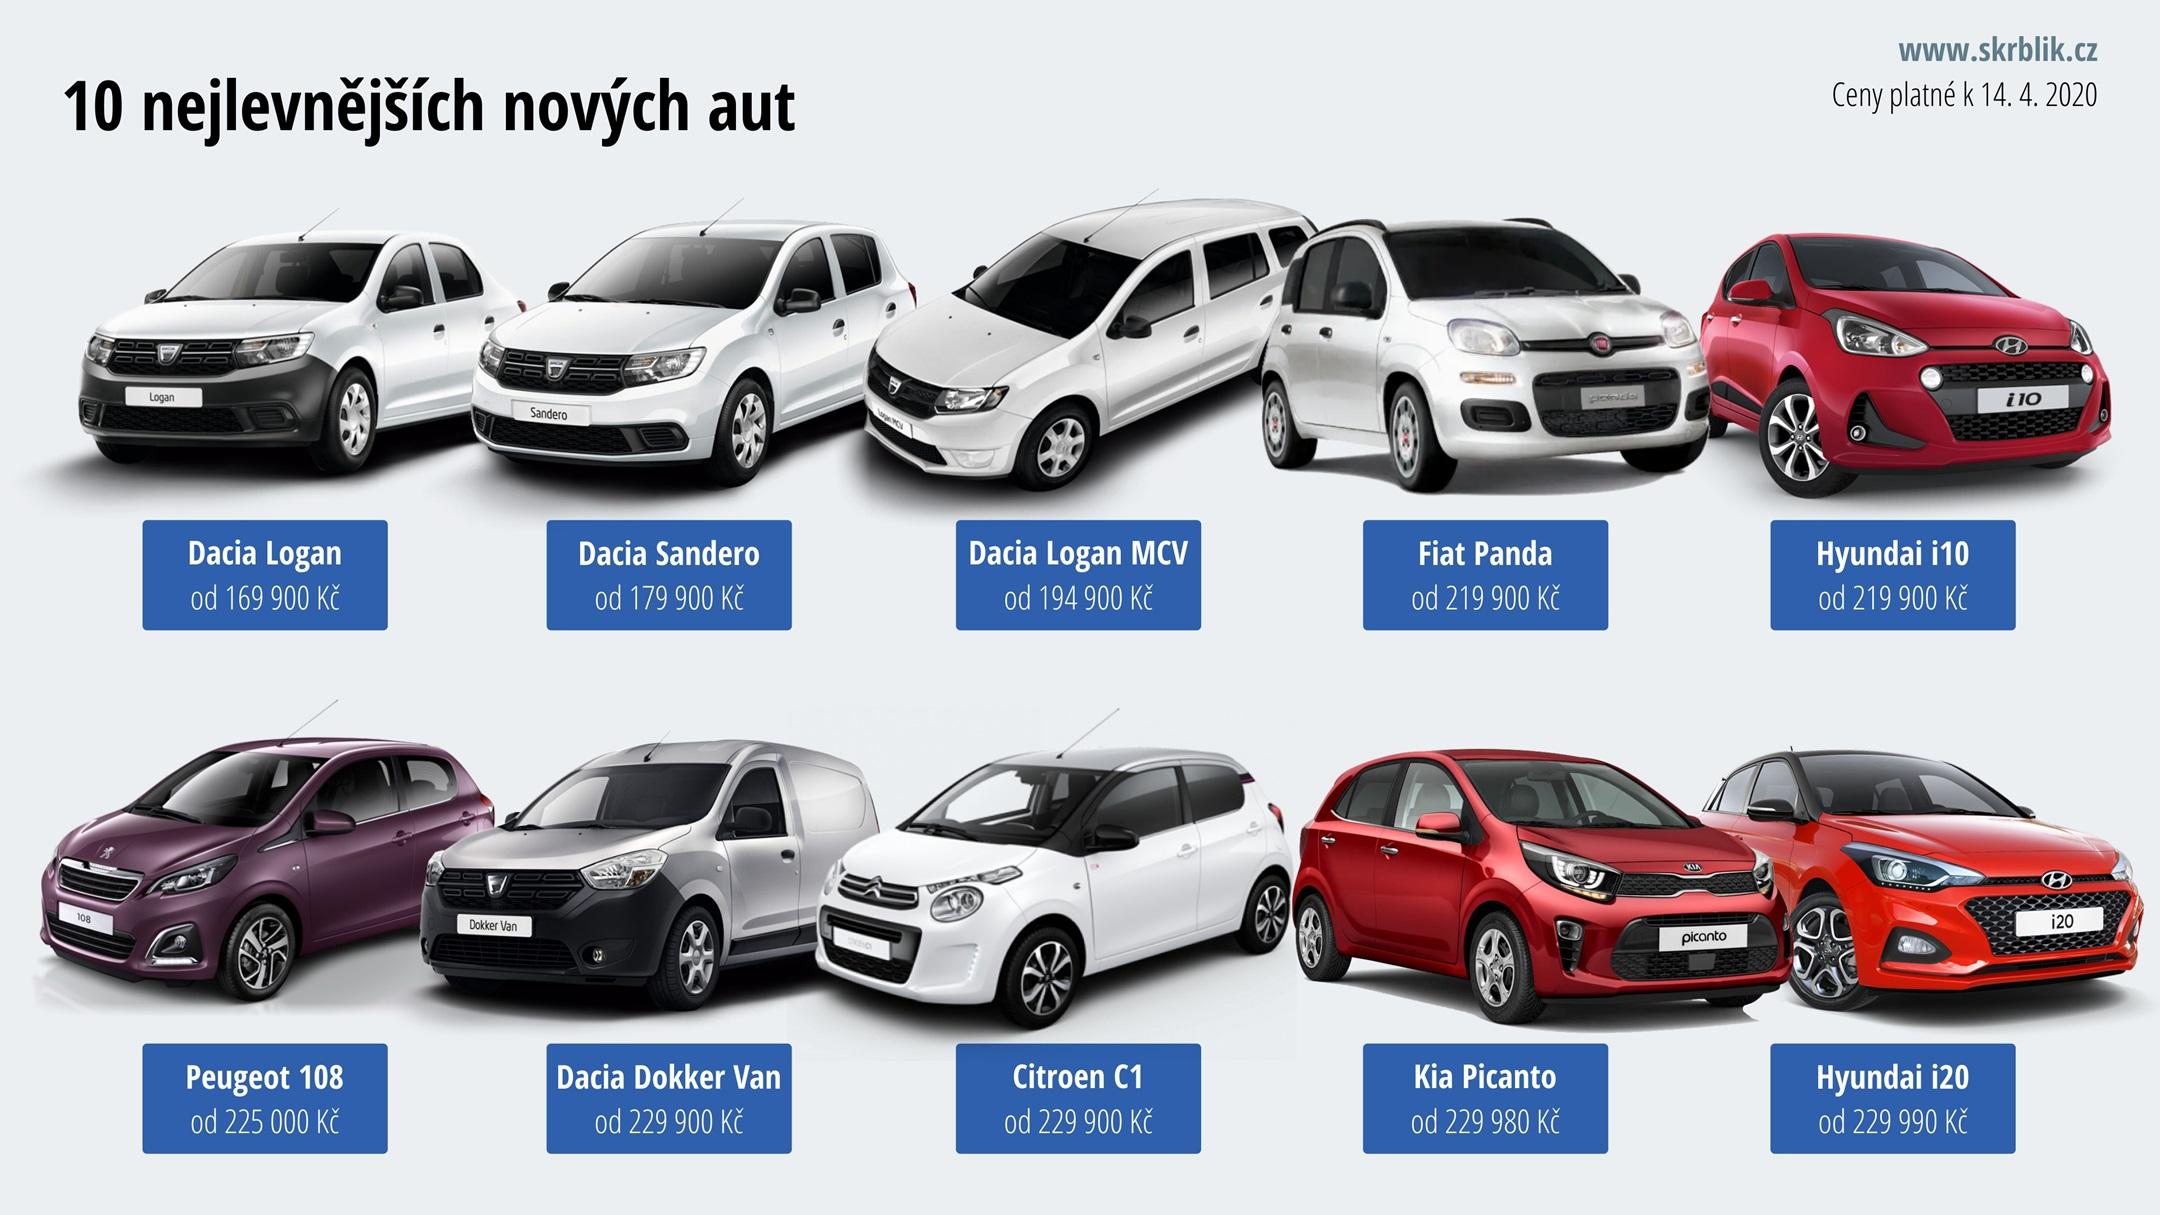 Nejlevnější nové auto 2019 → 10 modelů do 229 990 Kč - Skrblík.cz 511e5bef07